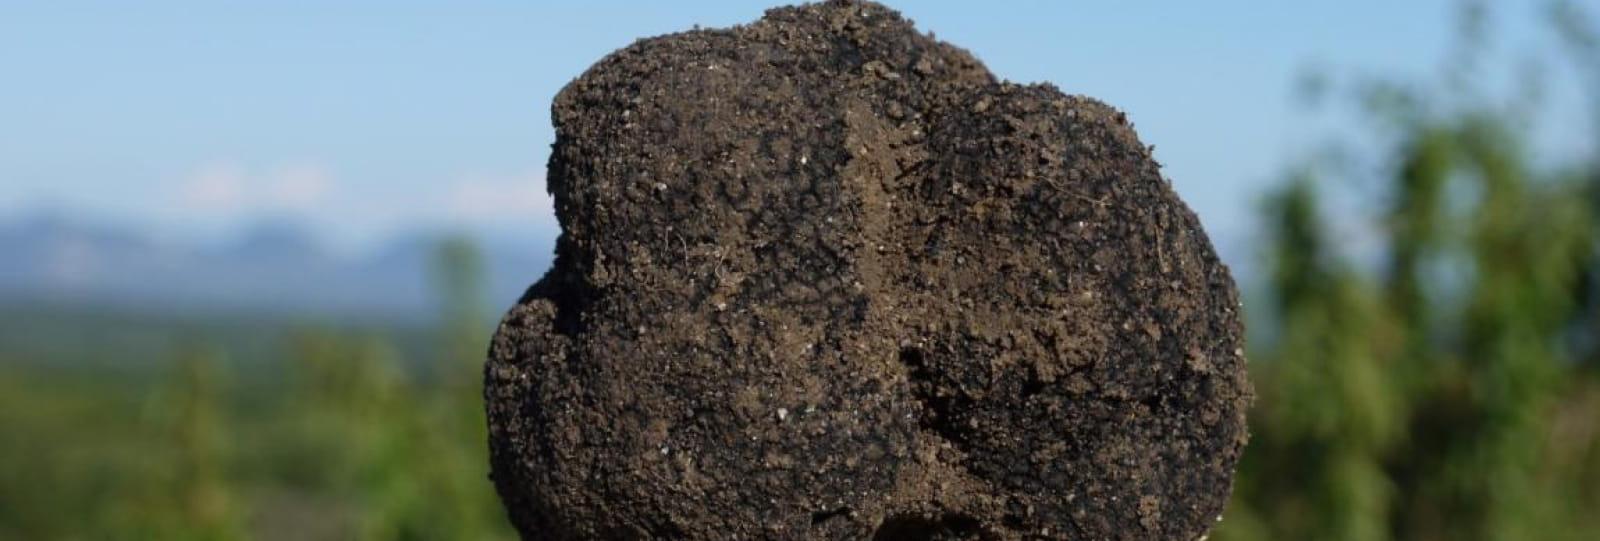 La truffe noire - Ferme Les Eybrachas